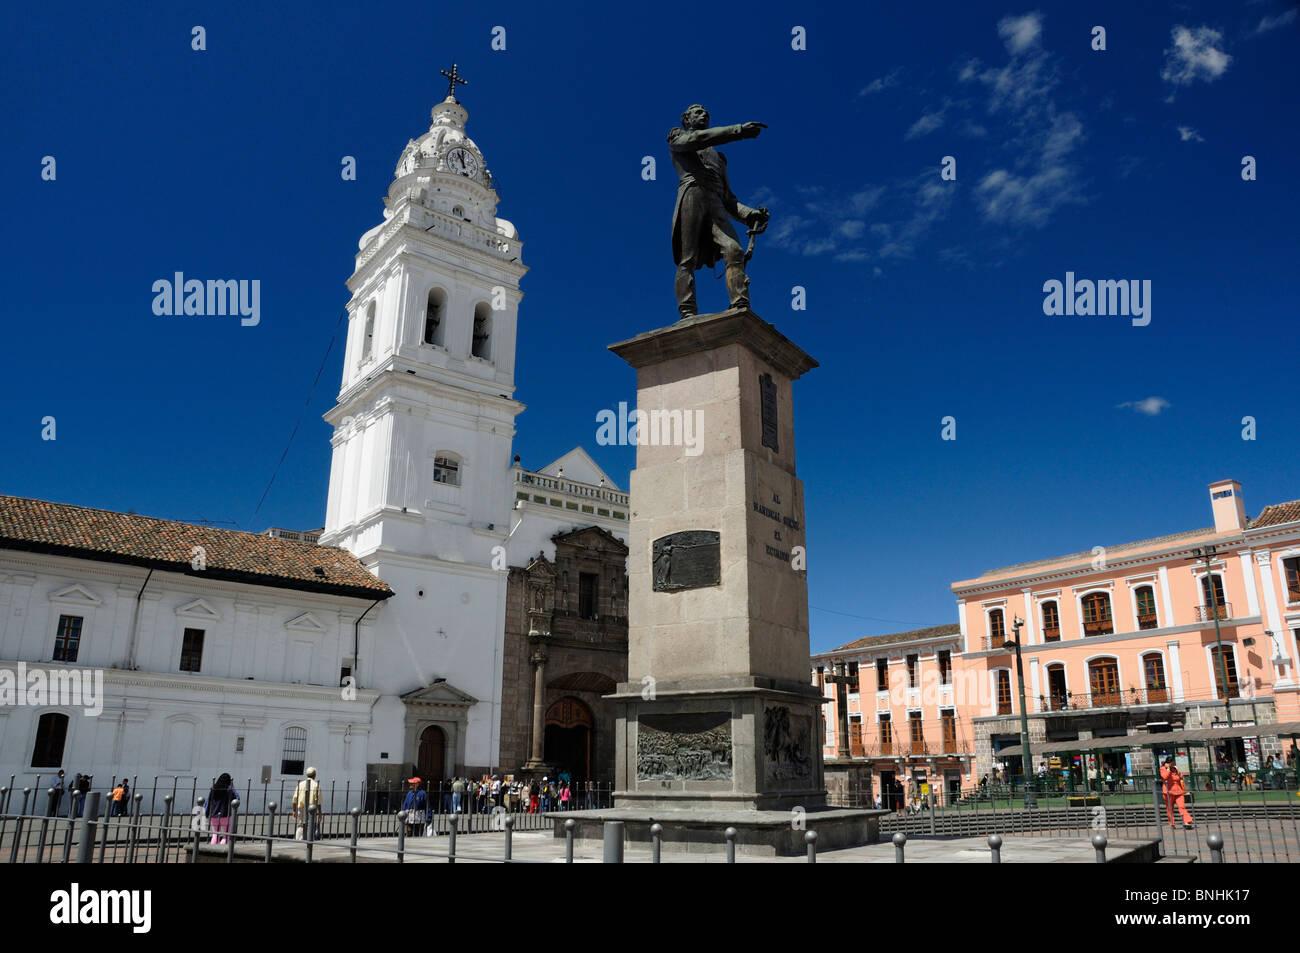 Ecuador Plaza Santo Domingo Statue of Al Mariscal Sucre Old town Quito city square people church - Stock Image